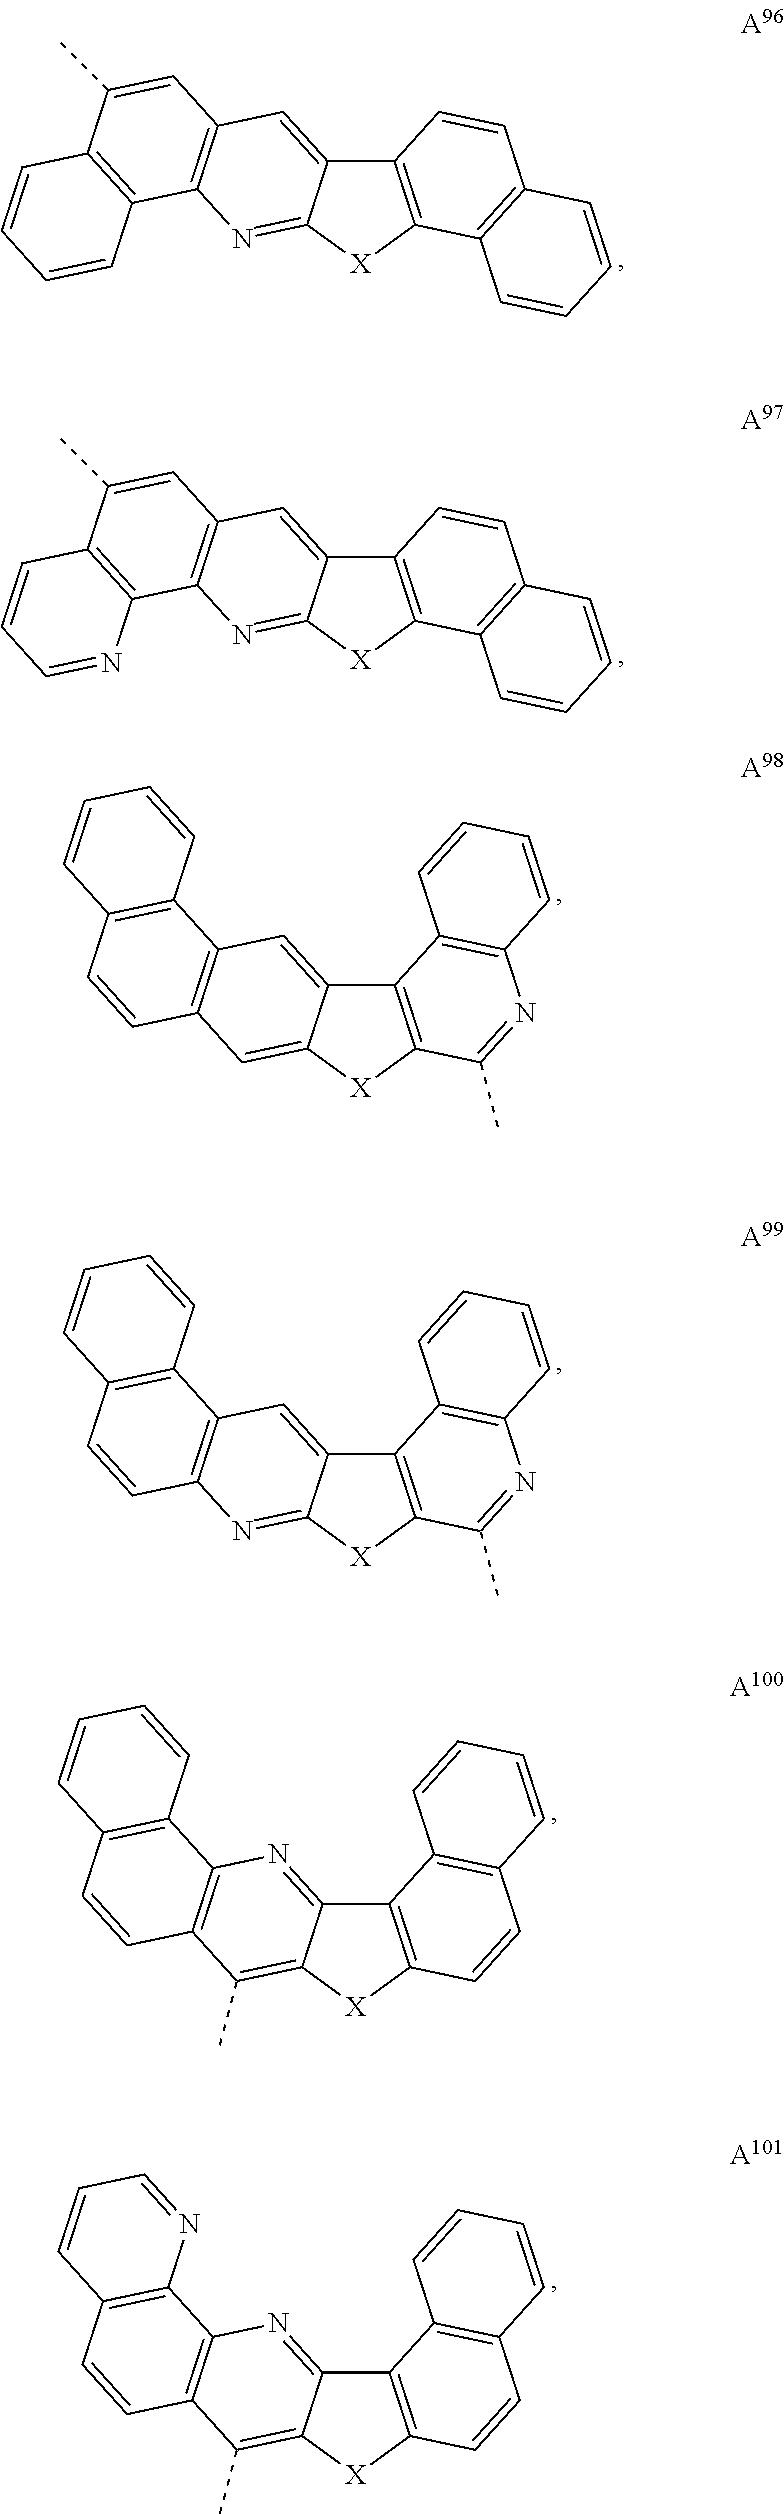 Figure US20170033295A1-20170202-C00026